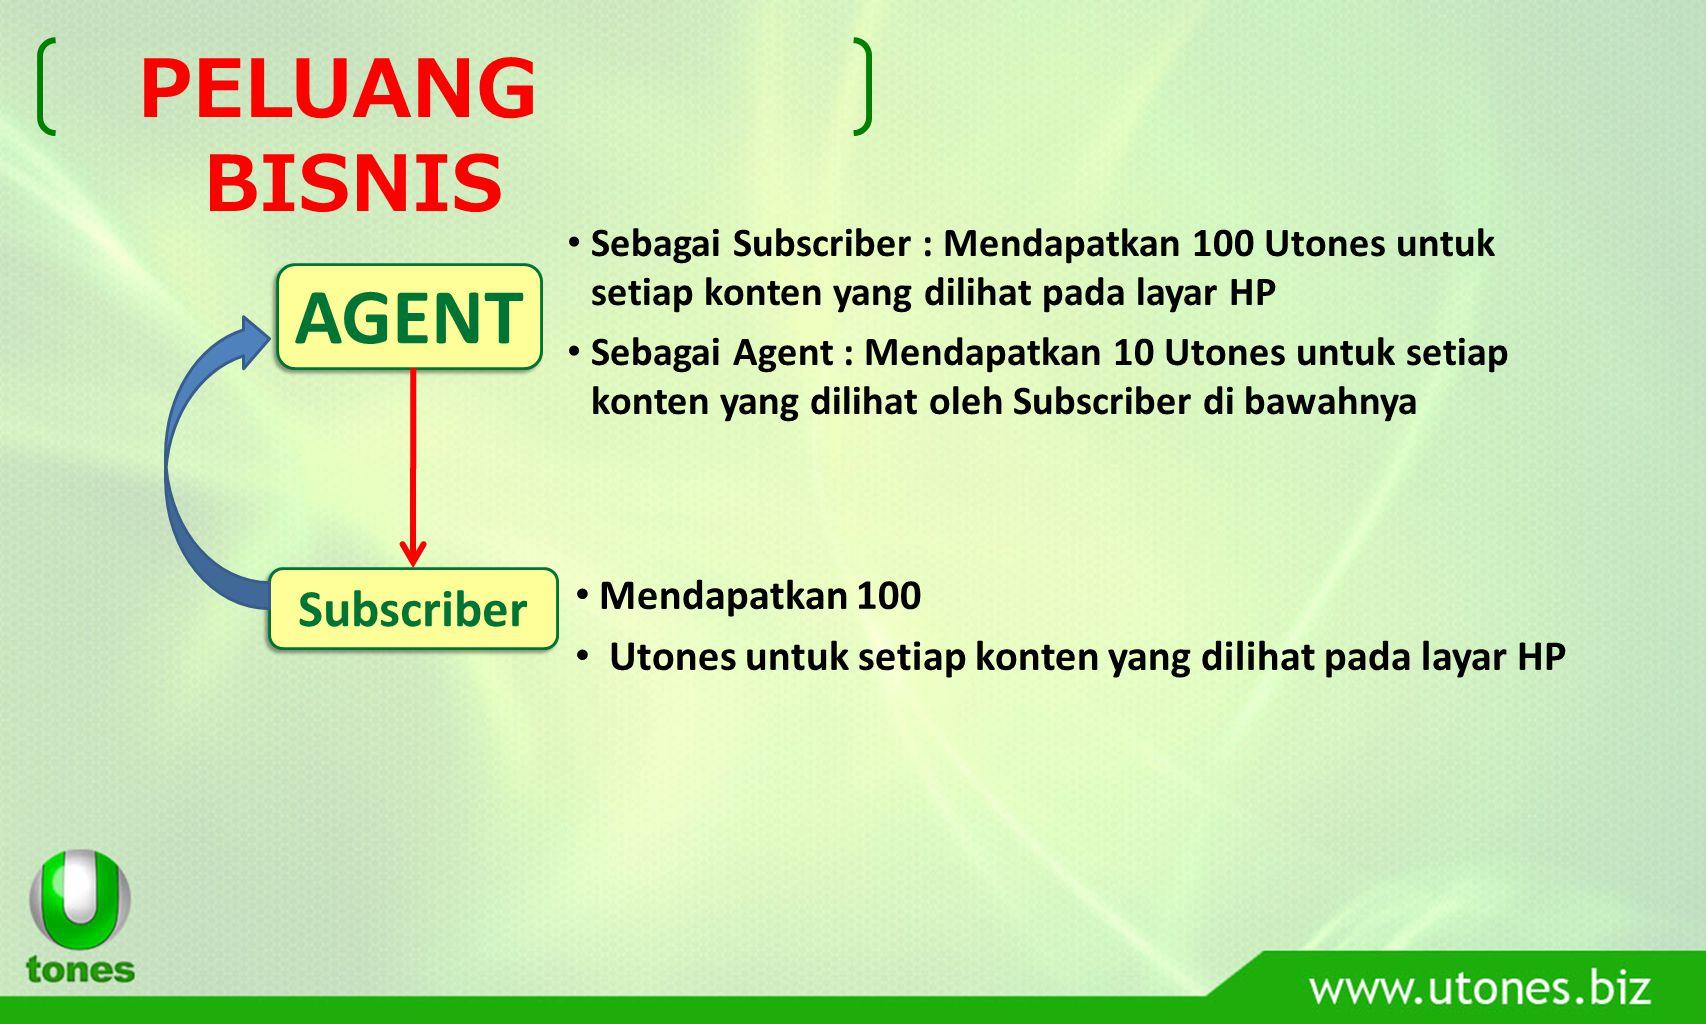 Ilustrasi Penghargaan AGENT, Asumsi: Agent dapat merekrut 100 Subscriber : 100 Subscriber Setiap Subscriber medapatkan 20 view/ hari : 20 view X 30 hari = 600 view Agent mendapat 10 utones untuk setiap view yang dilihat oleh subscribernya, maka : 150 subscriber X 600 view X 10 utones = 900.000 utones/bulan AGENT AKTIF, Asumsi: Agent dapat merekrut 1000 Subscriber : 1000 Subscriber Setiap Subscriber medapatkan 20 view/ hari : 20 view X 30 hari = 600 view Agent mendapat 10 utones untuk setiap view yang dilihat oleh subscribernya, maka : 1000 subscriber X 600 view X 10 utones = 6.000.000 utones/bulan Selamanya….